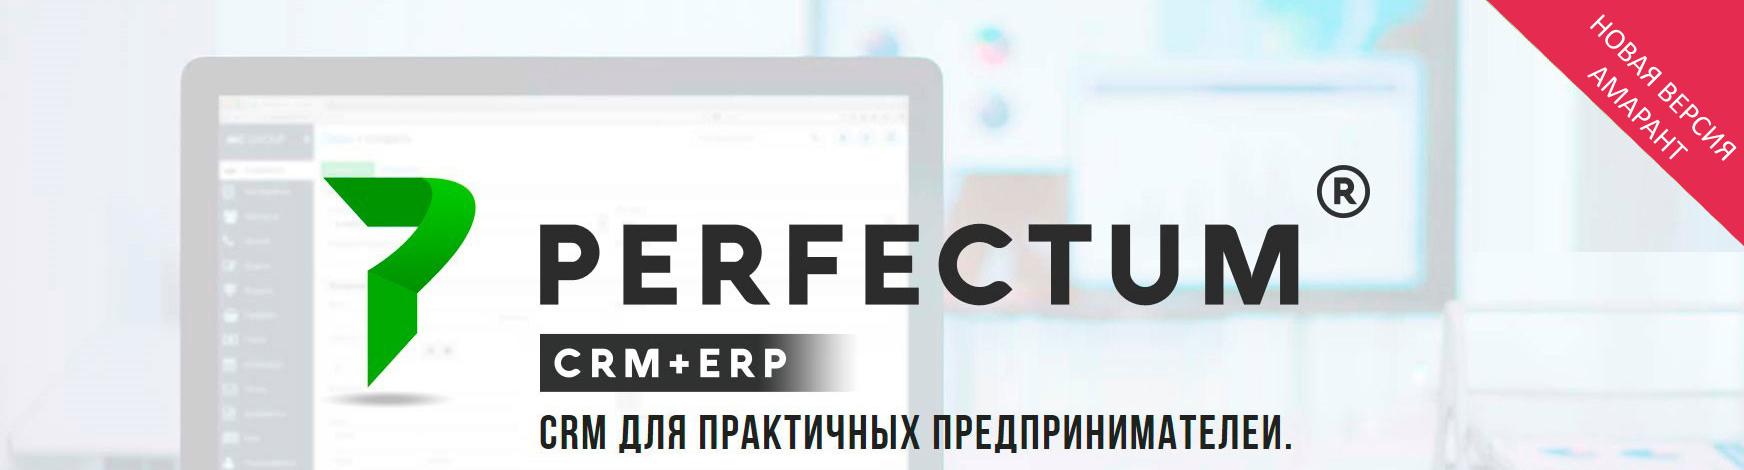 Новая версия Perfectum CRM+ERP 3.2